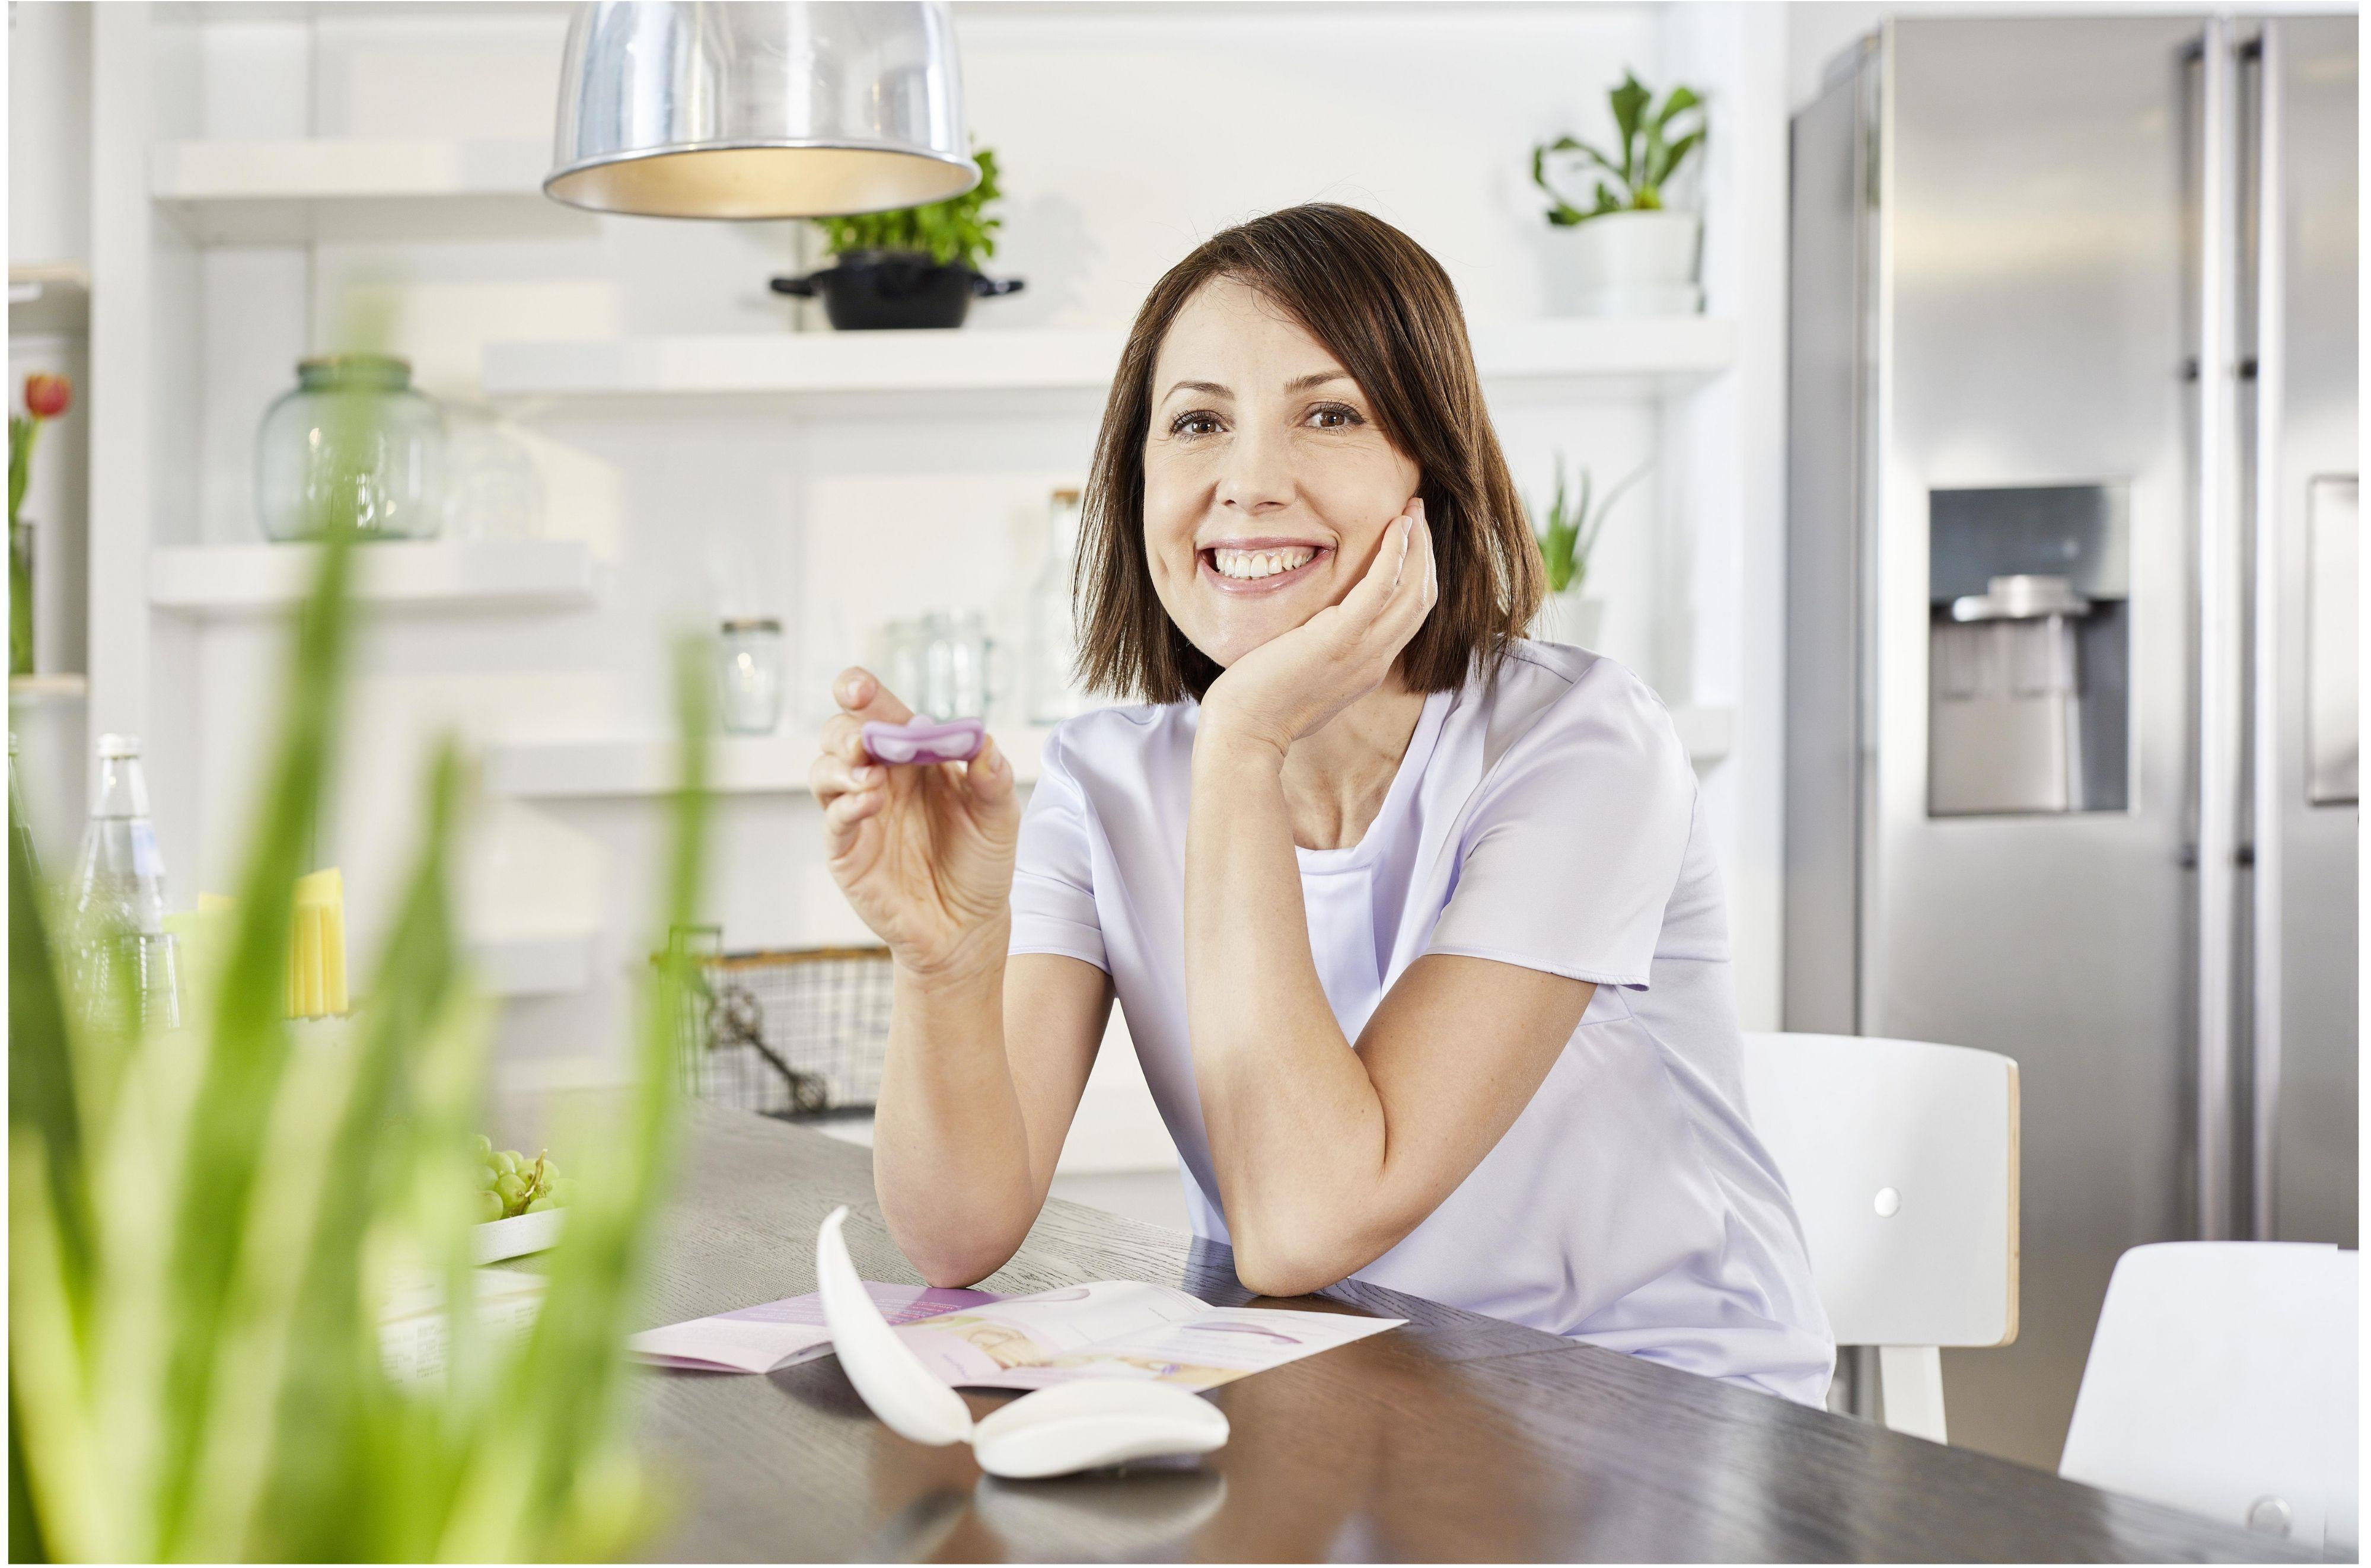 środek antykoncepcyjny, Dla Kogo, Diafragma Caya® - Antykoncepcja Bez Hormonów dla 98% Kobiet